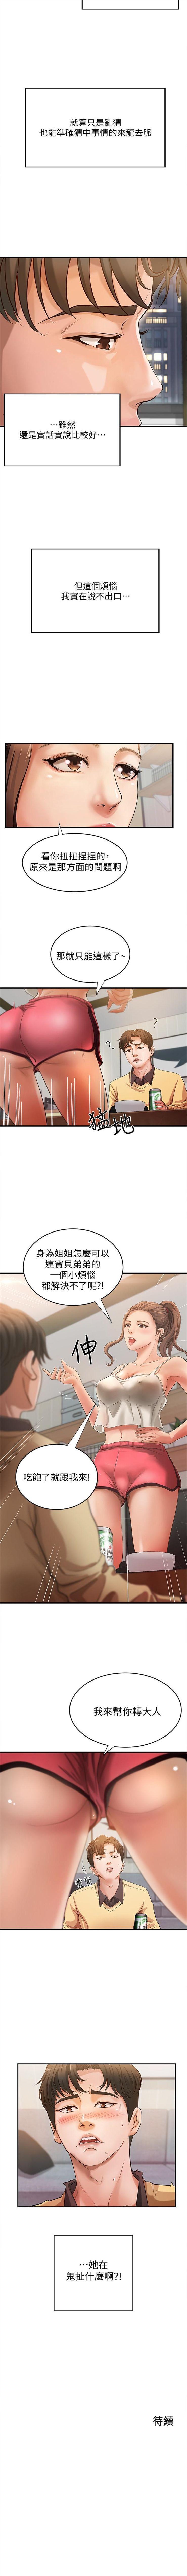 (週1)御姐的實戰教學 1-15 中文翻譯(更新中) 9